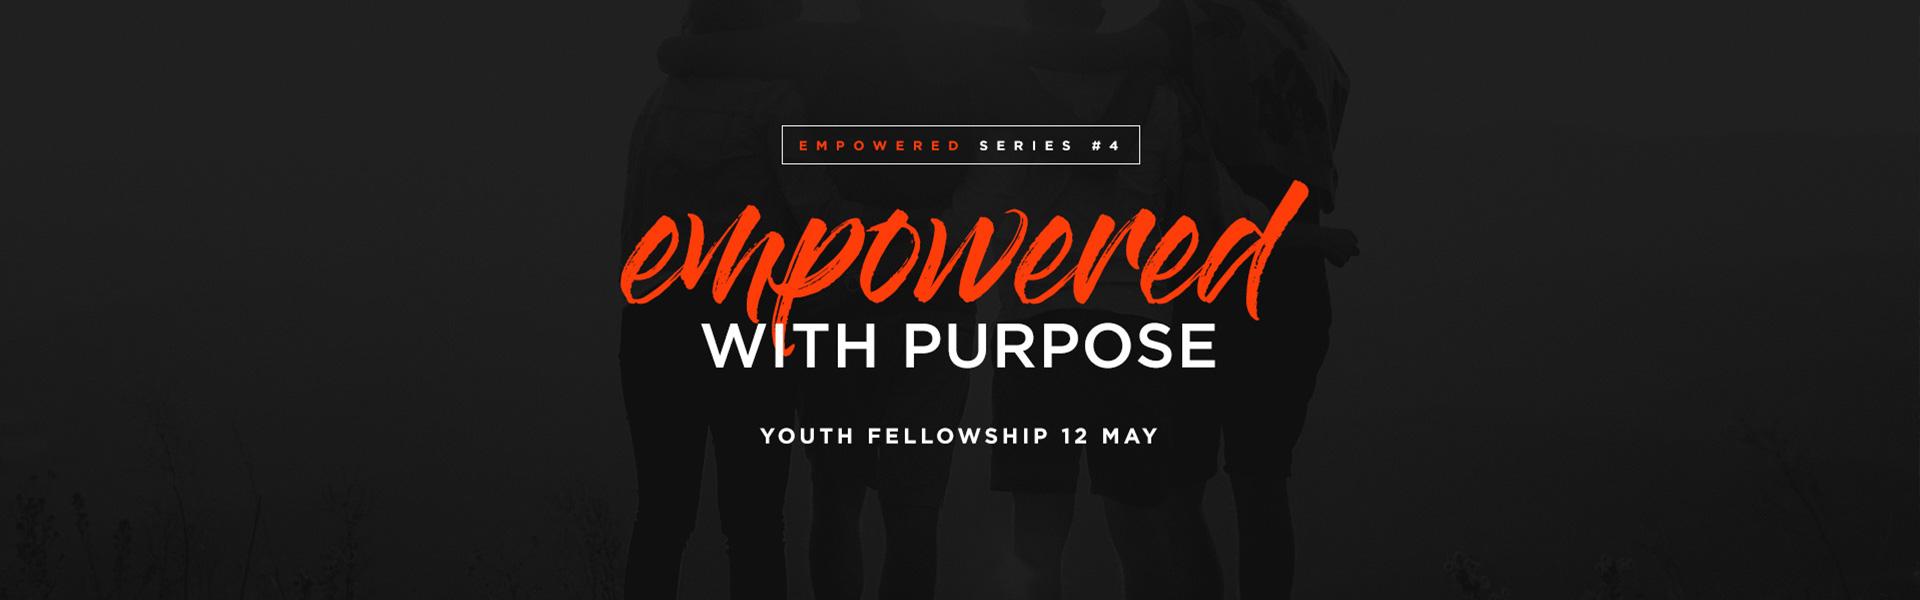 Empowered4v2